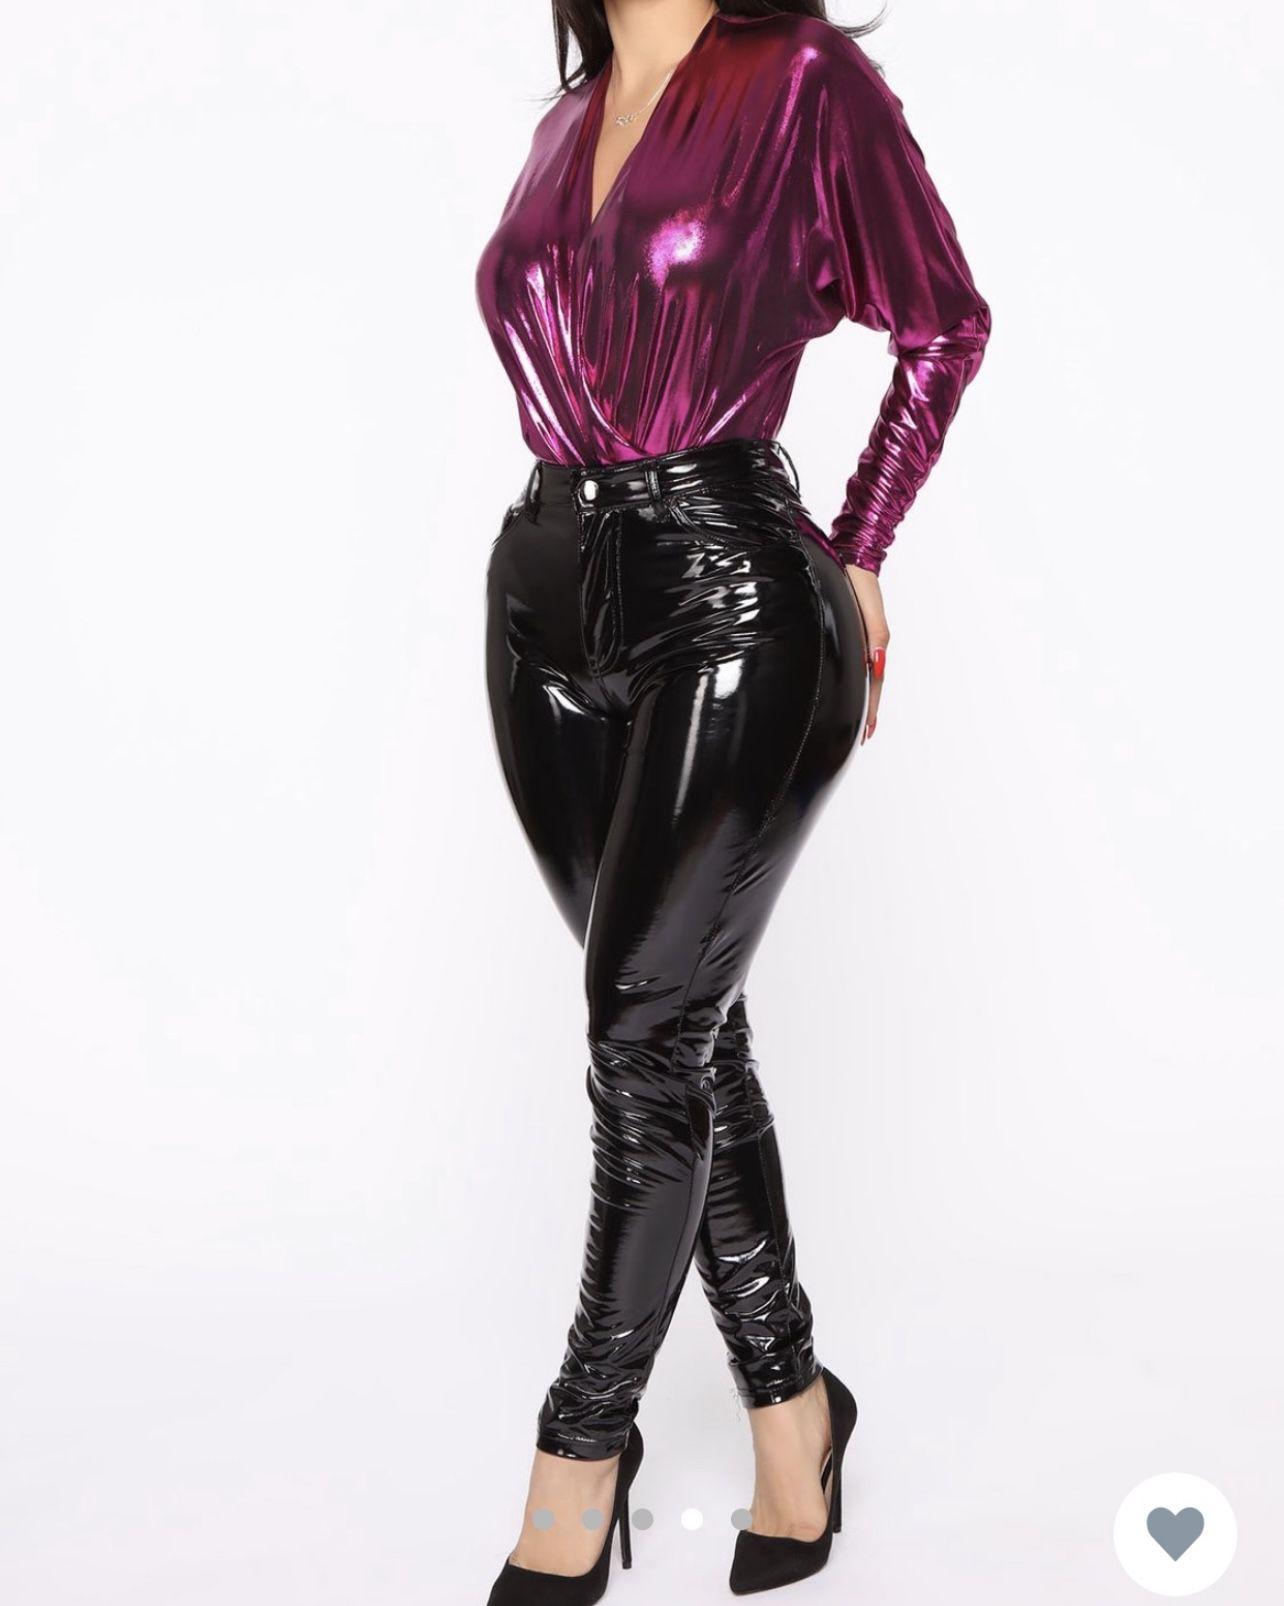 Fashion Nova Beautiful Bodysuit Color- Fuchsia